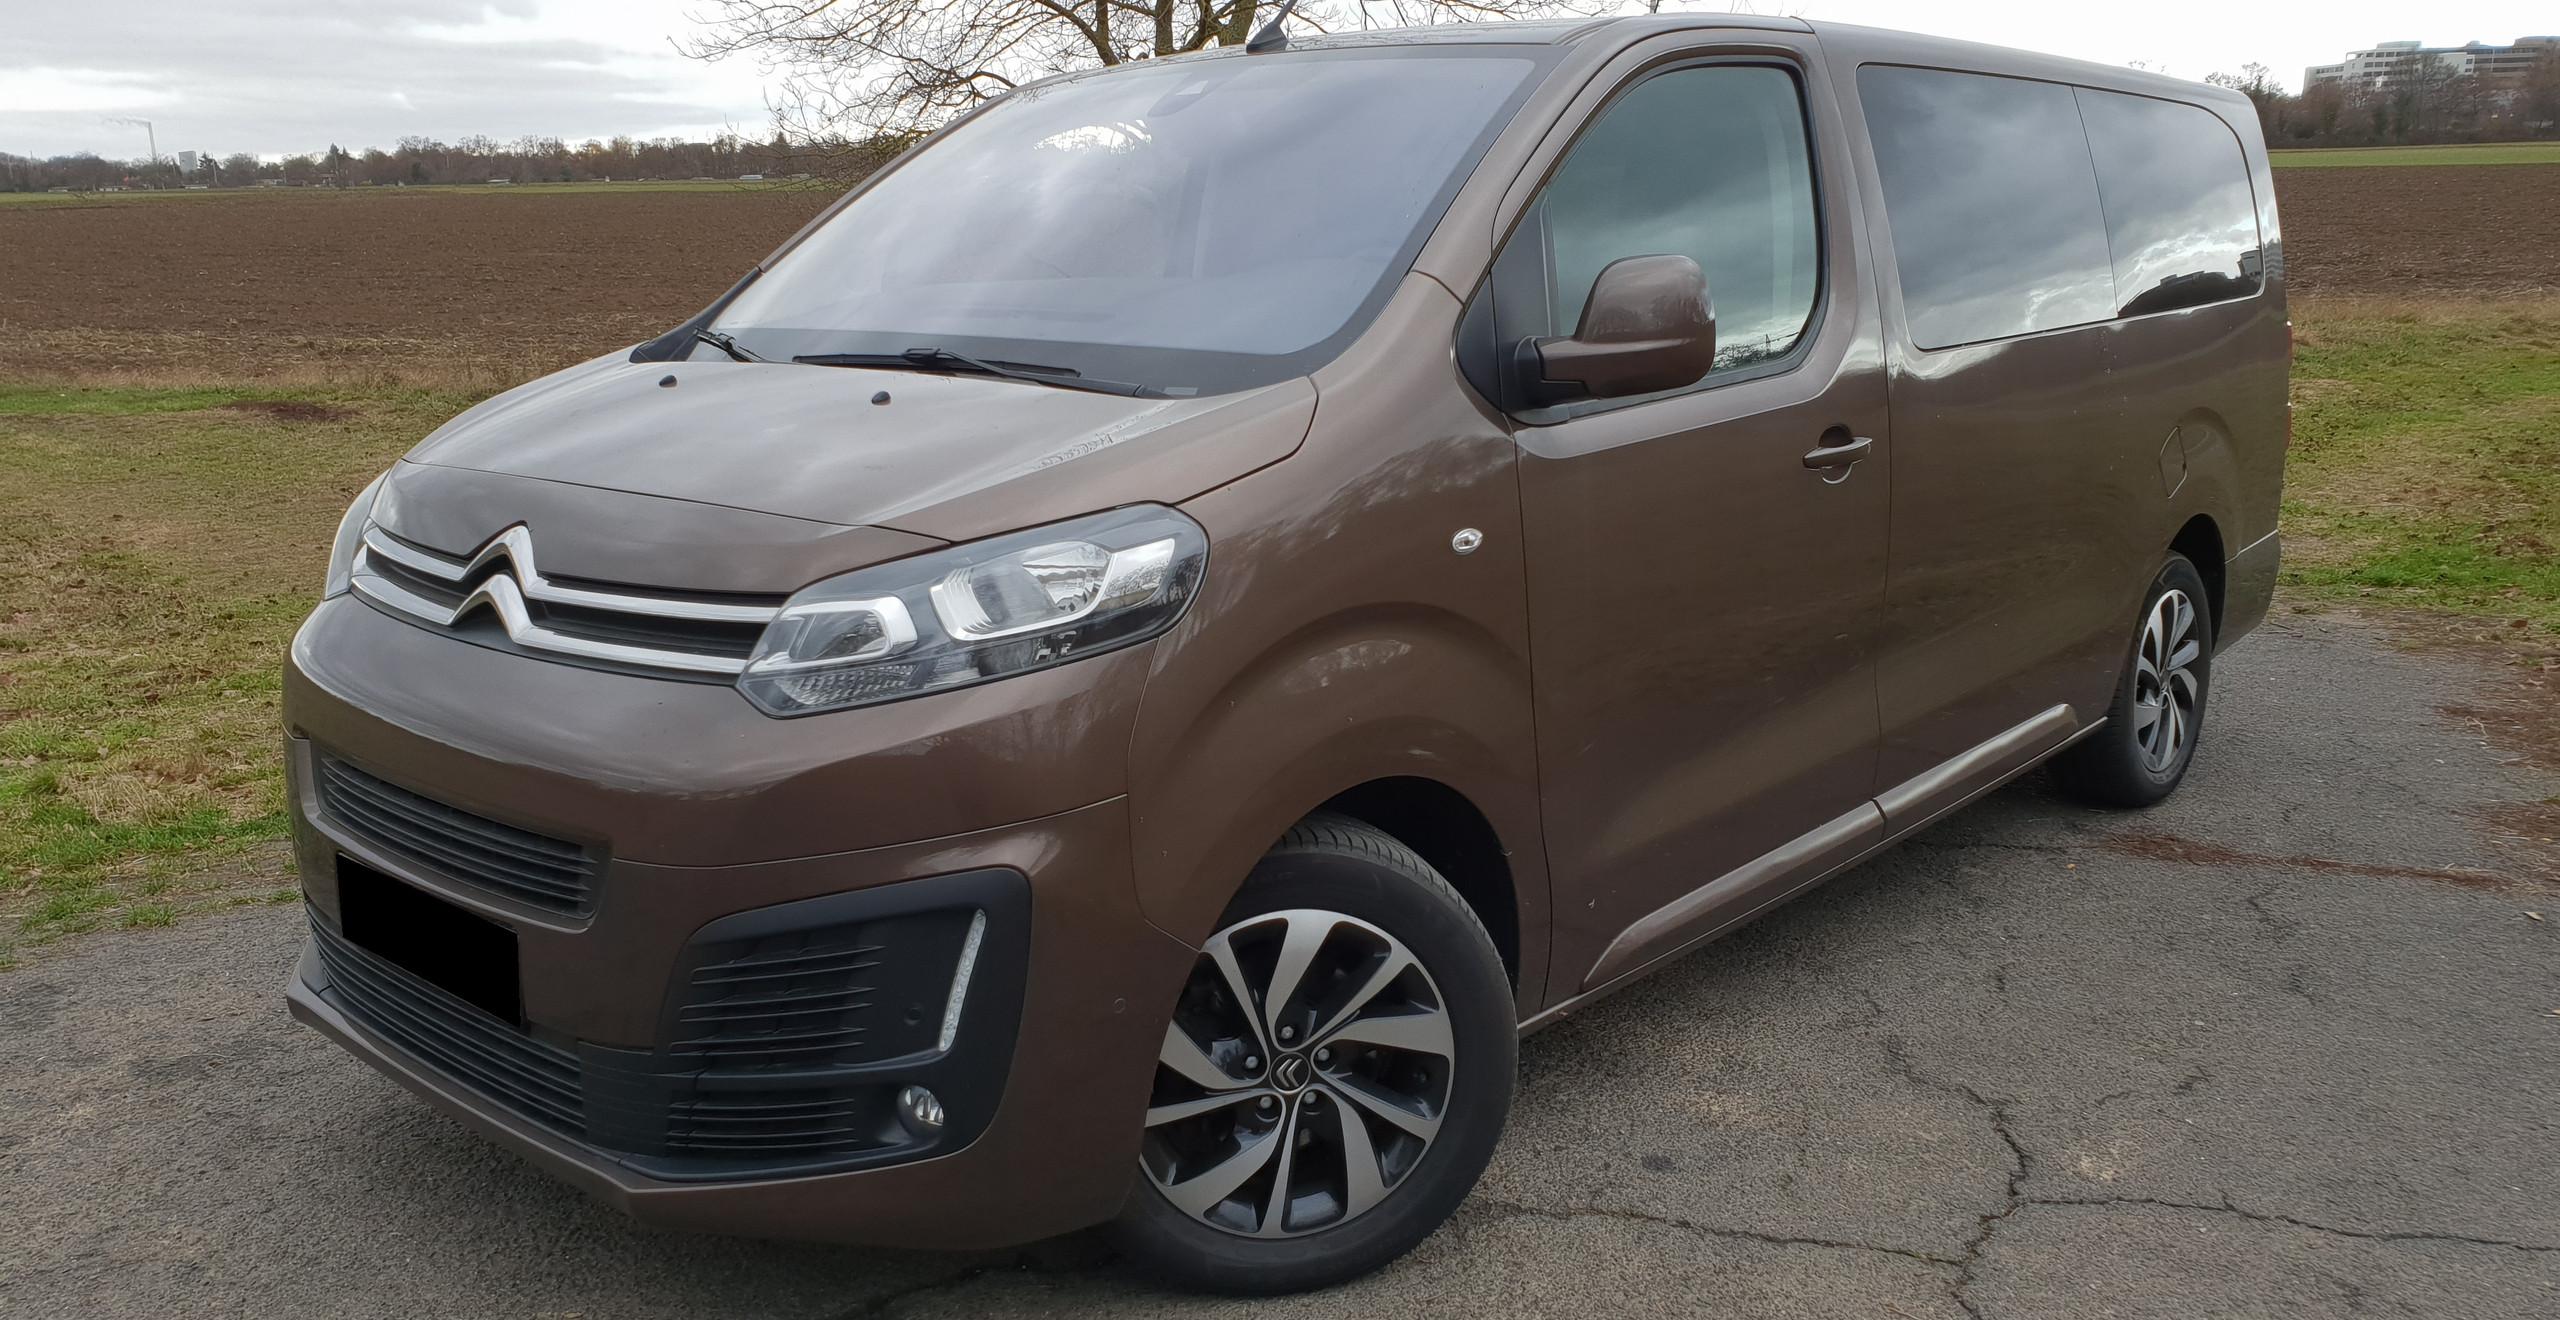 Import Auto Allemagne - Auto Convoi Allemagne - Citroën Spacetourer XL 1.6 BlueHDI 116ch S&S Feel